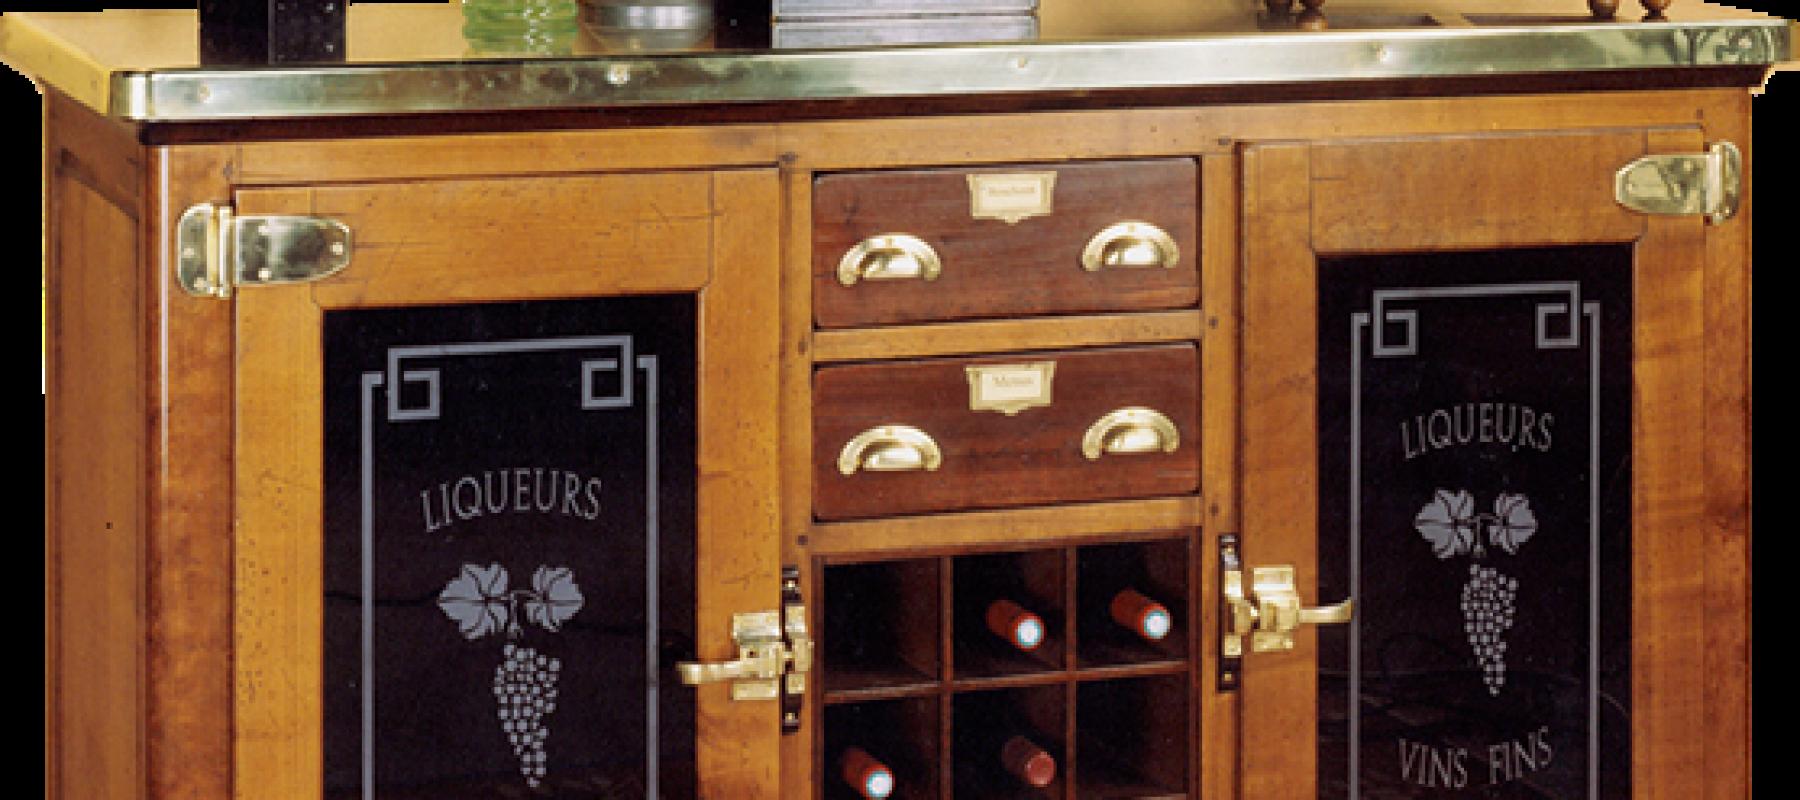 meuble de liquoriste de Félix Monge